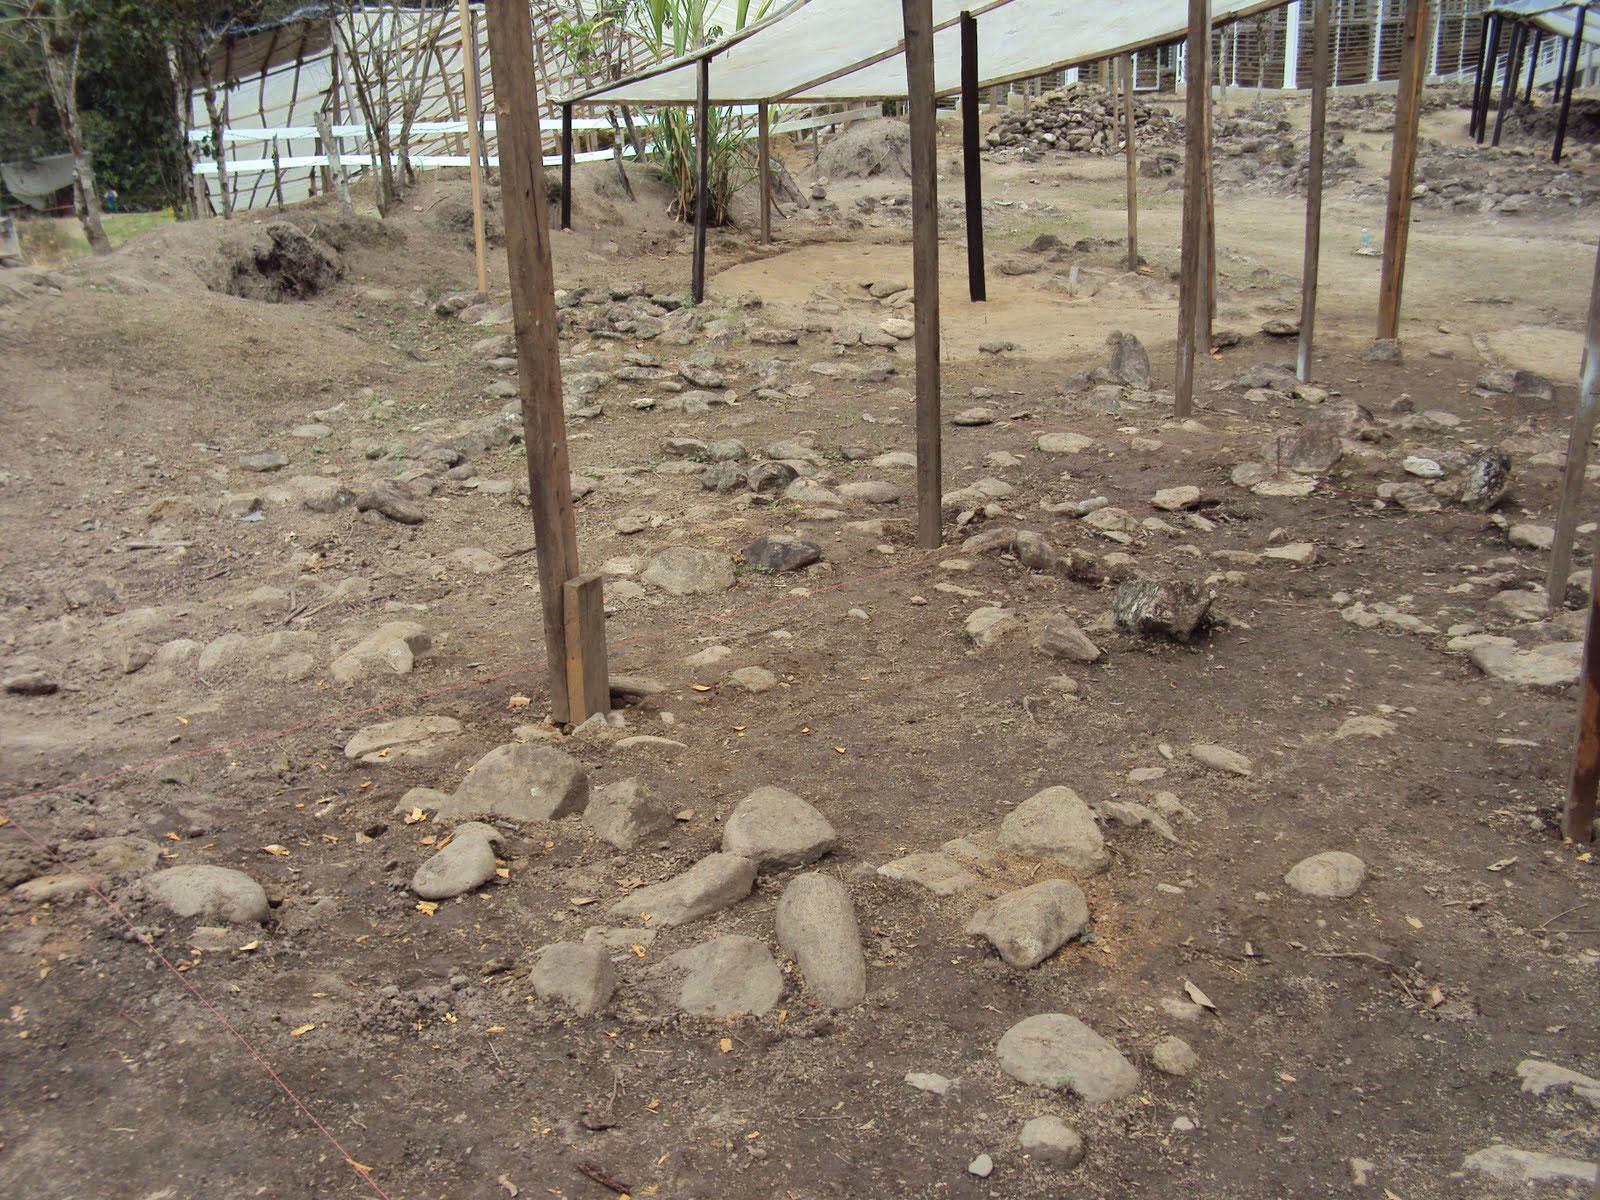 Vista del sector noreste del área de estudio antes de la excavación